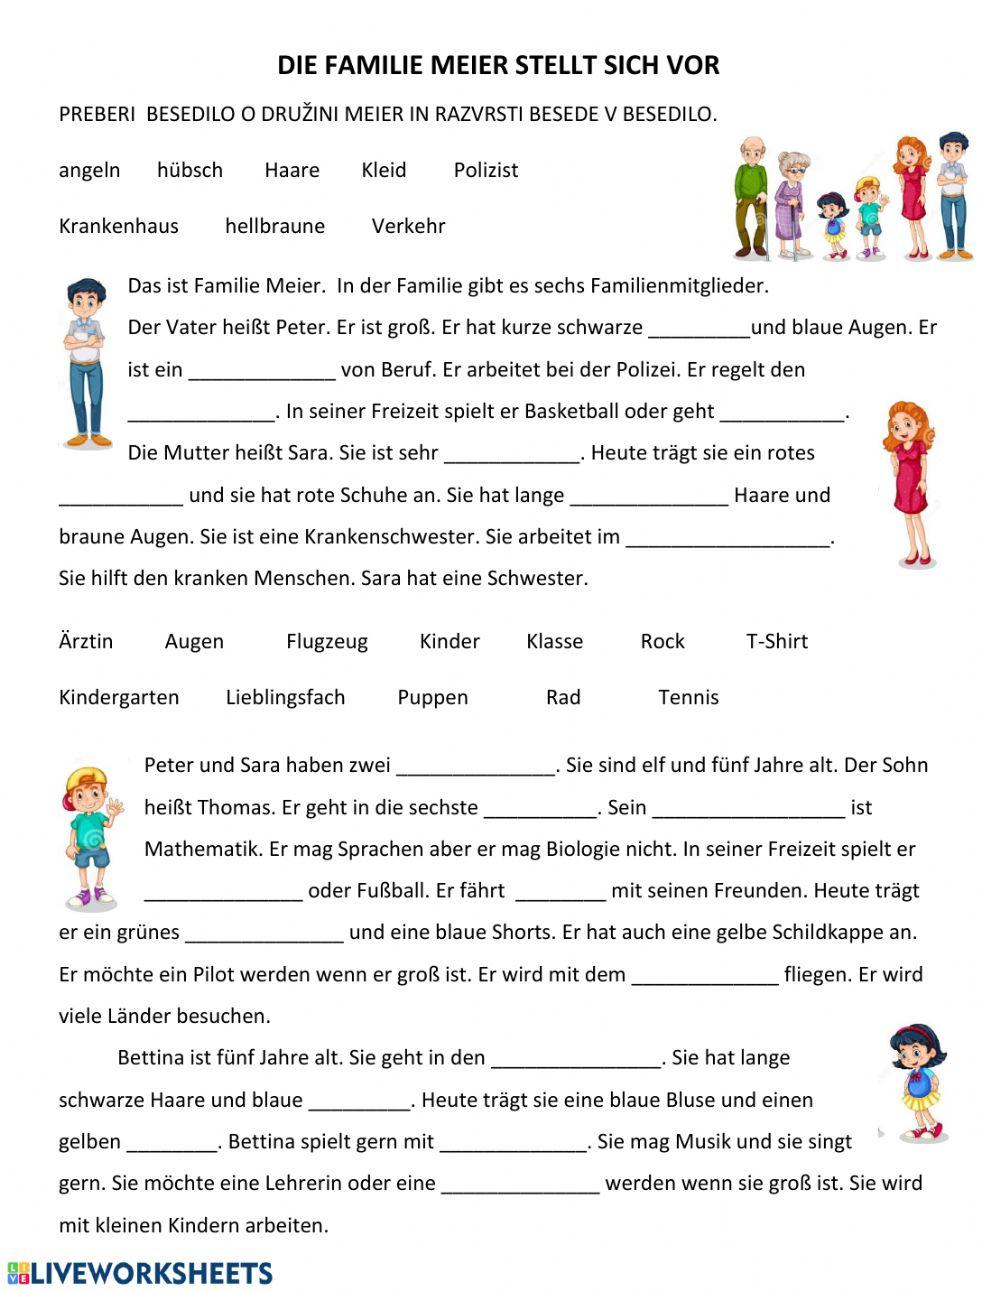 bài tập từ vựng tiếng Đức chủ đề gia đình